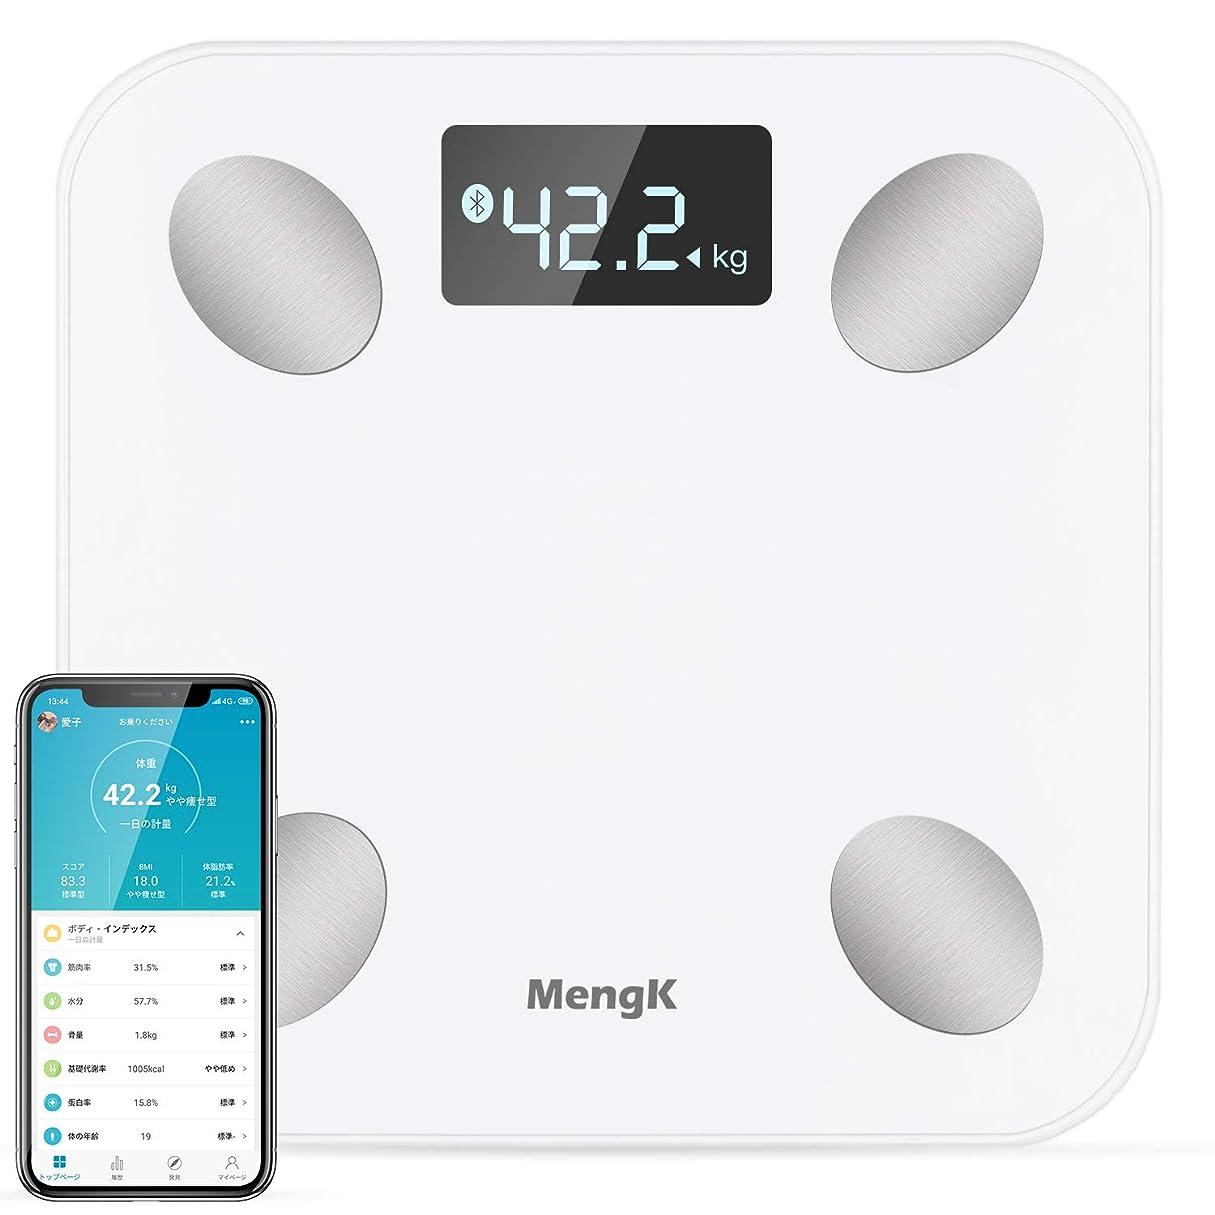 階段狂乱予想する体重計,MENGK bluetooth体脂肪計·体組成計、ヘルスメーター、体重計、体脂肪計、体重/BMI/体脂肪率/筋肉率/水分/骨量/基礎代謝率/蛋白率など測定ができる